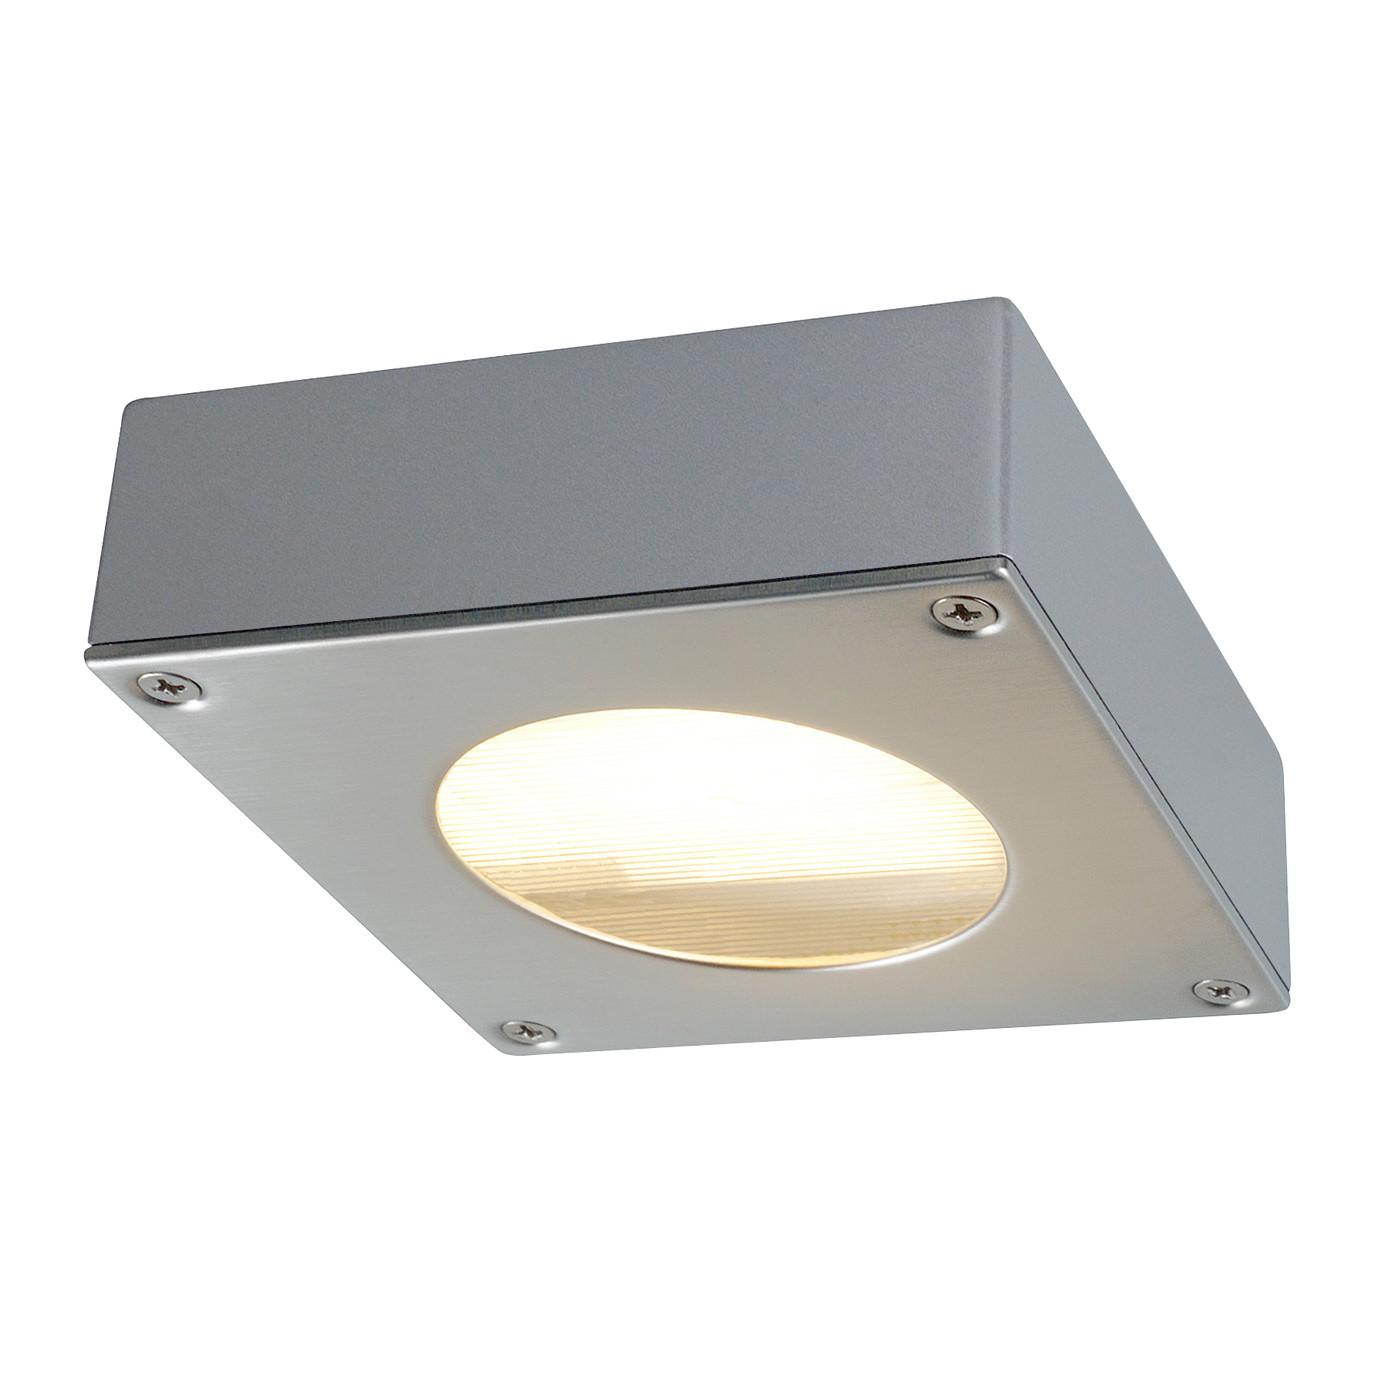 SLV Quadrasyl 44D ceiling lamp